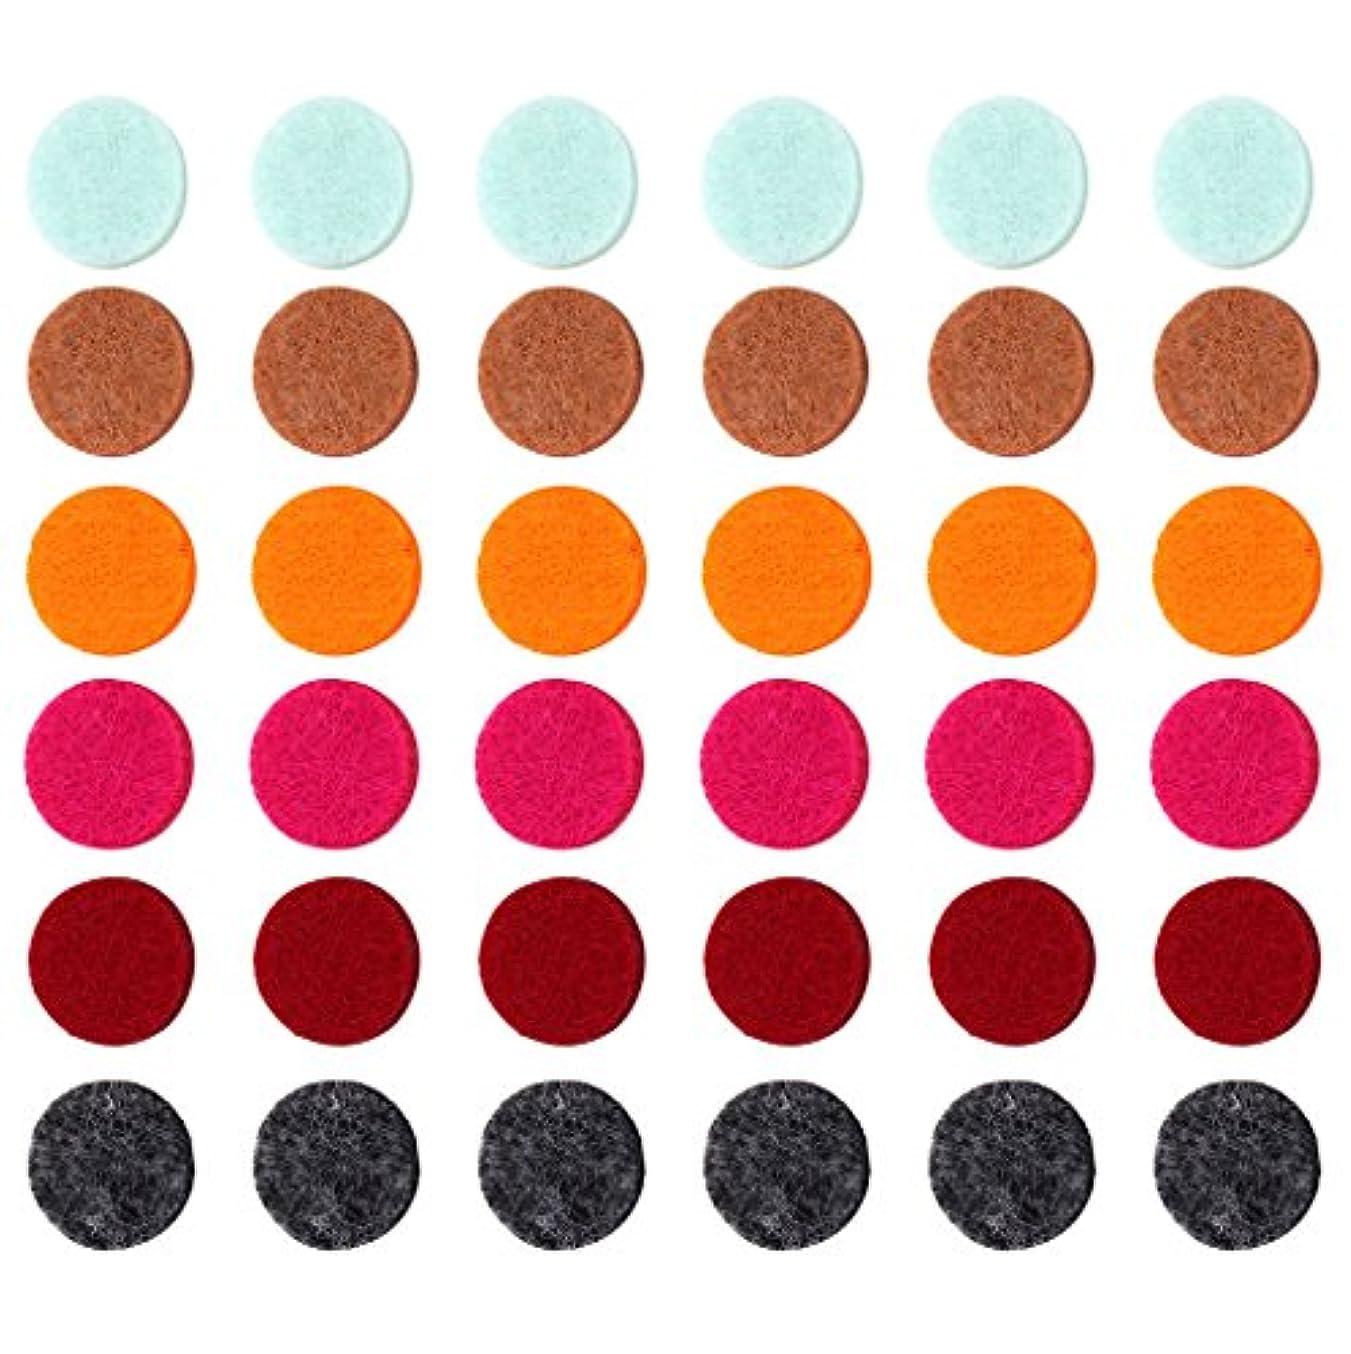 レガシーブランデーキノコZYsta 36個Refill Pads for Aromatherapy Essential Oil Diffuserロケットネックレス、交換用パッド: Thickened/洗濯可能/高吸水性のアロマディフューザーペンダント